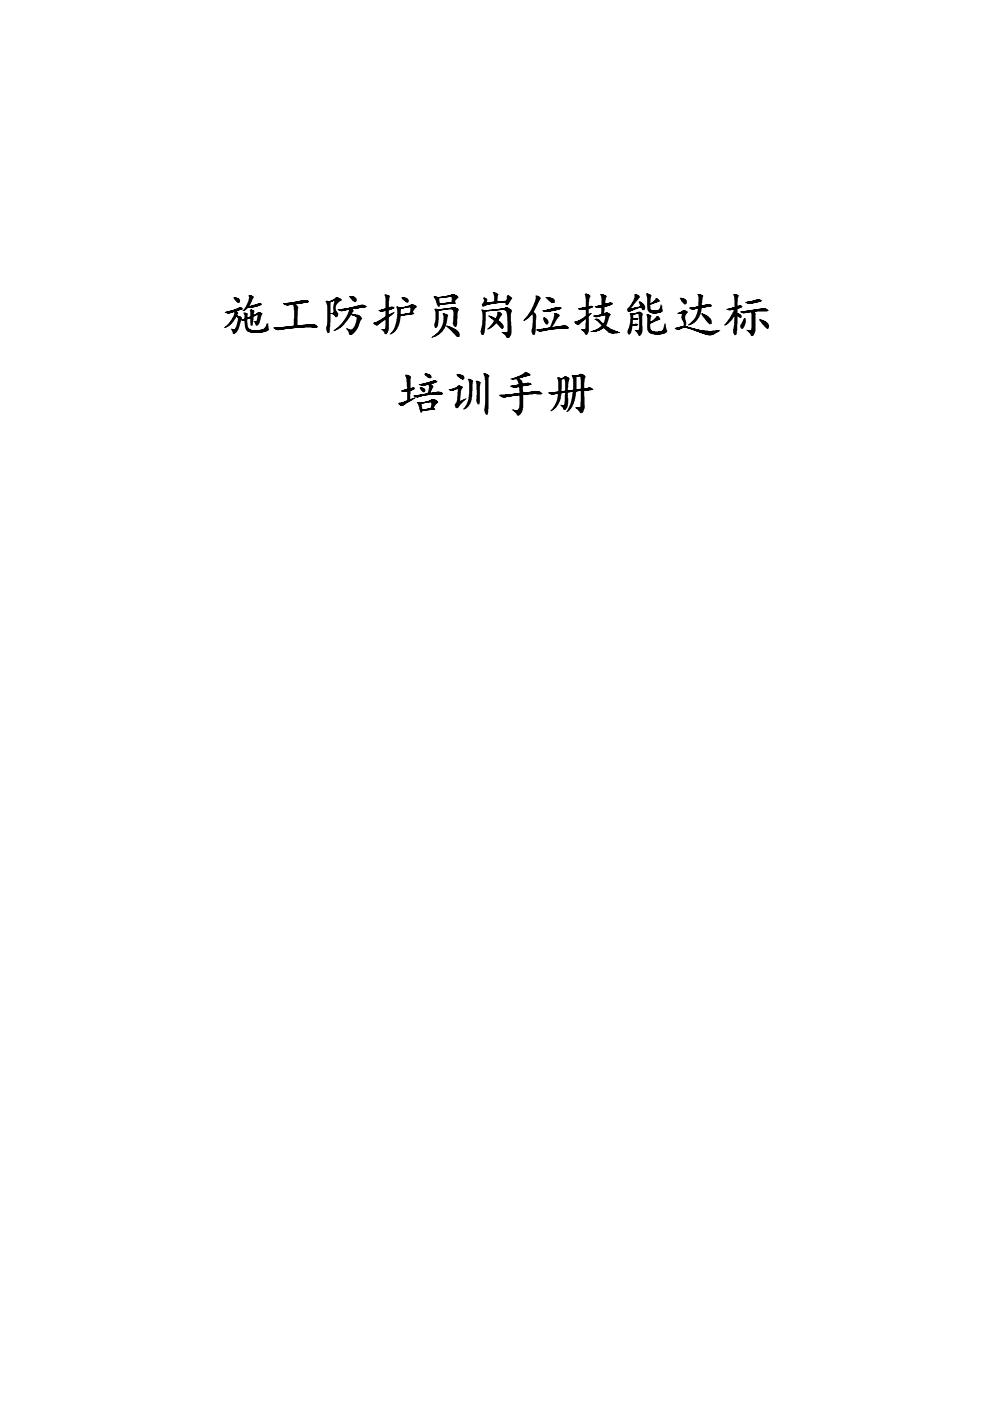 施工防护员岗位技能培训手册簿2015.10.20.doc